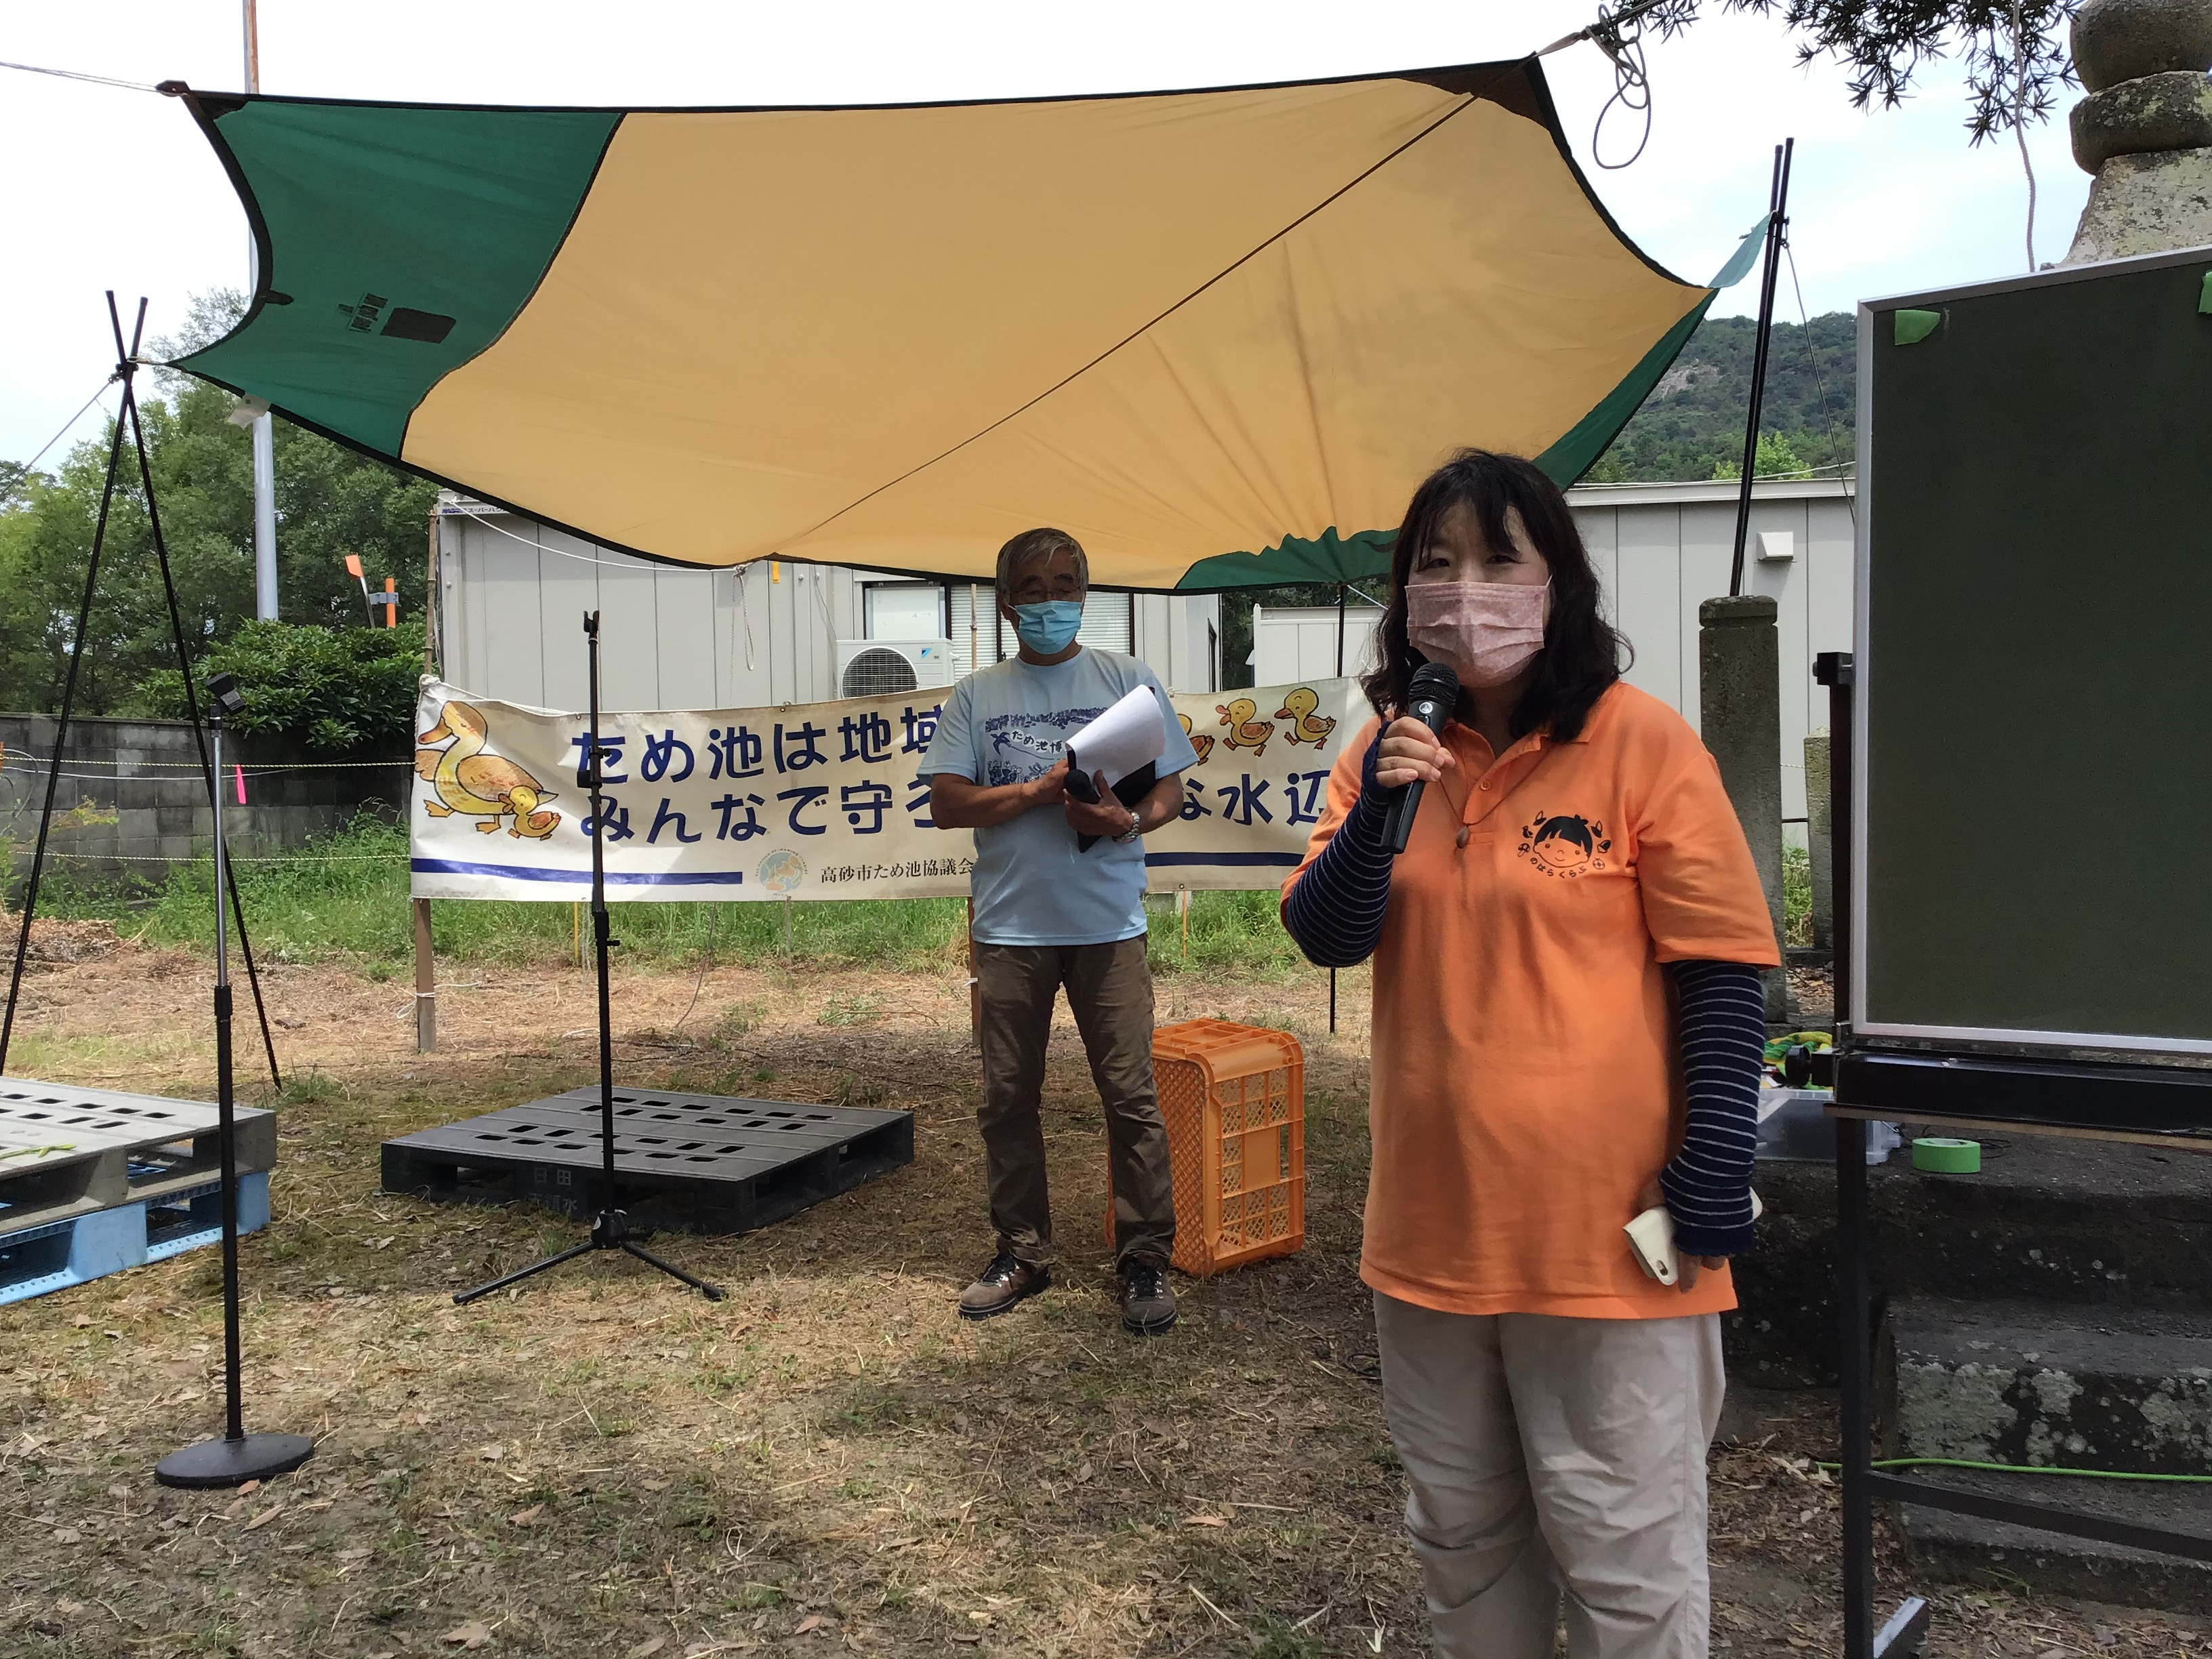 挨拶される明石のはらくらぶの丸谷聡子さん。阿弥陀田んぼビオトープの環境学習に協力されてます。因みに放課後のお楽しみ抽選会で枝豆当たりました。